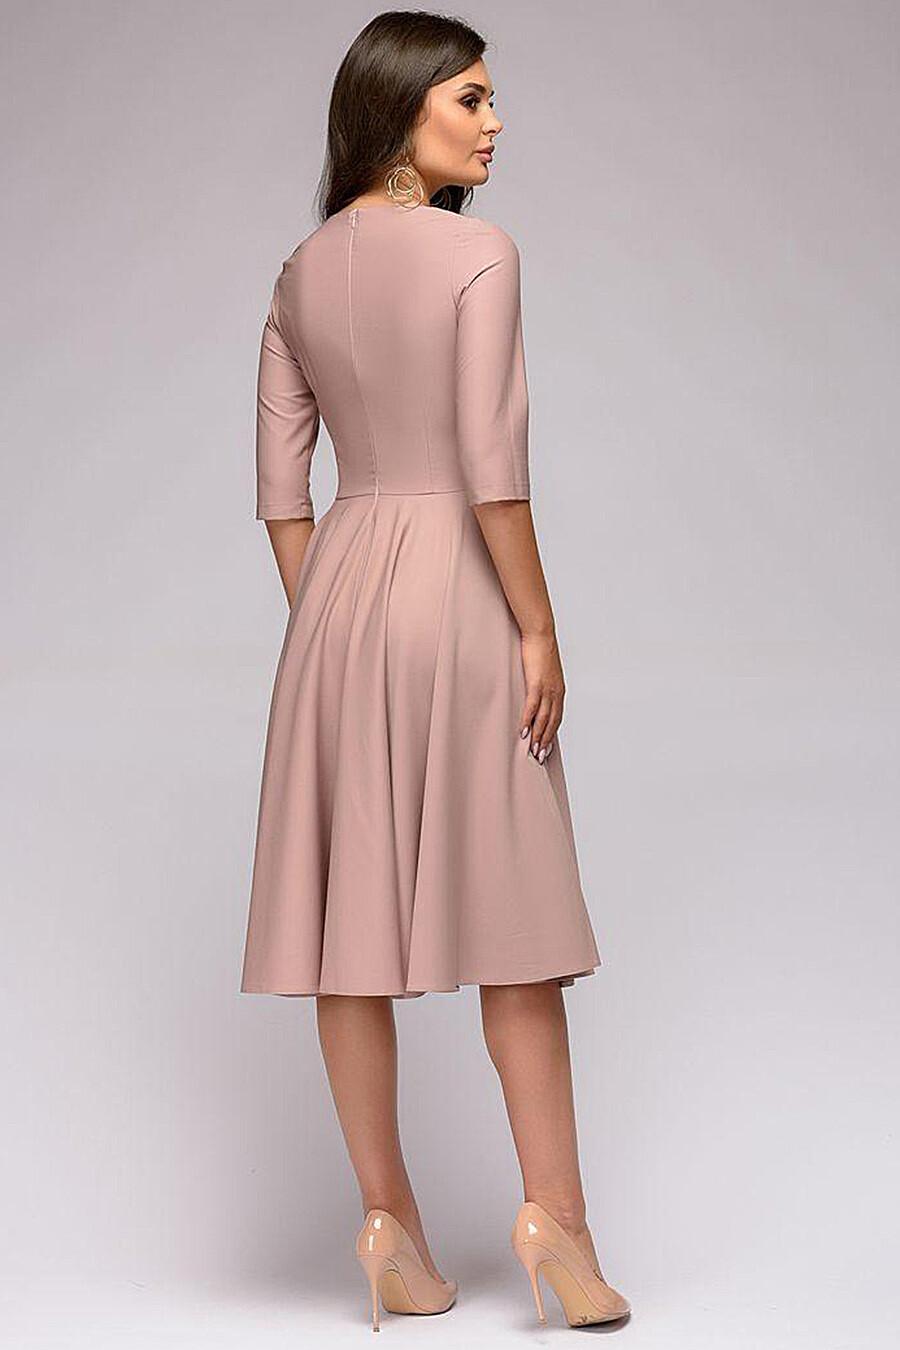 Платье для женщин 1001 DRESS 131482 купить оптом от производителя. Совместная покупка женской одежды в OptMoyo